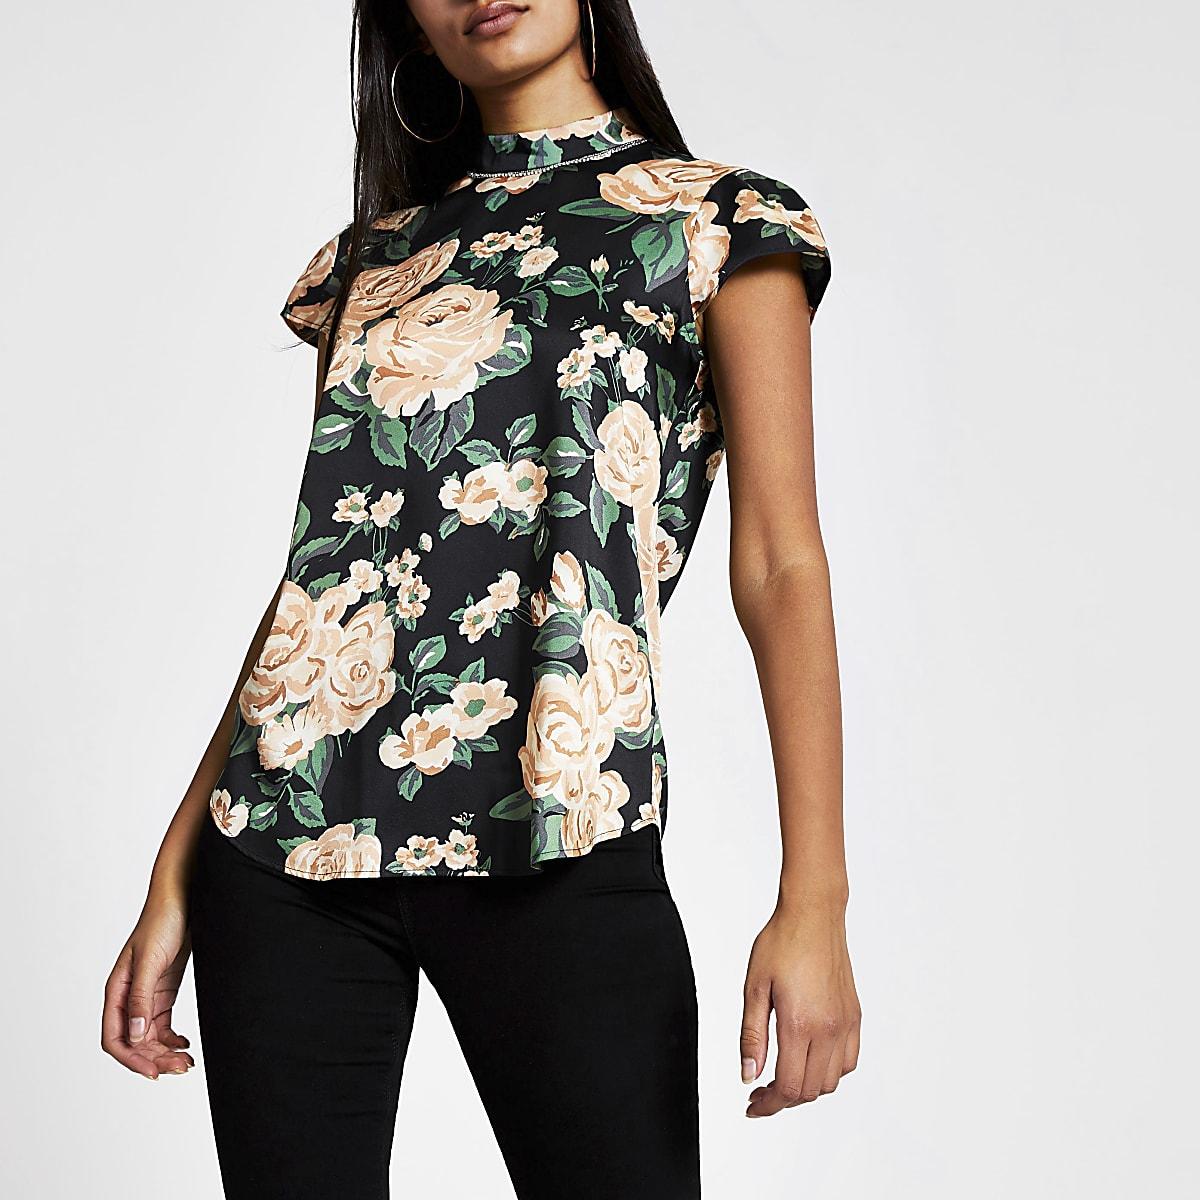 Zwarte top met korte mouwen, bloemenprint en nek met siersteentjes